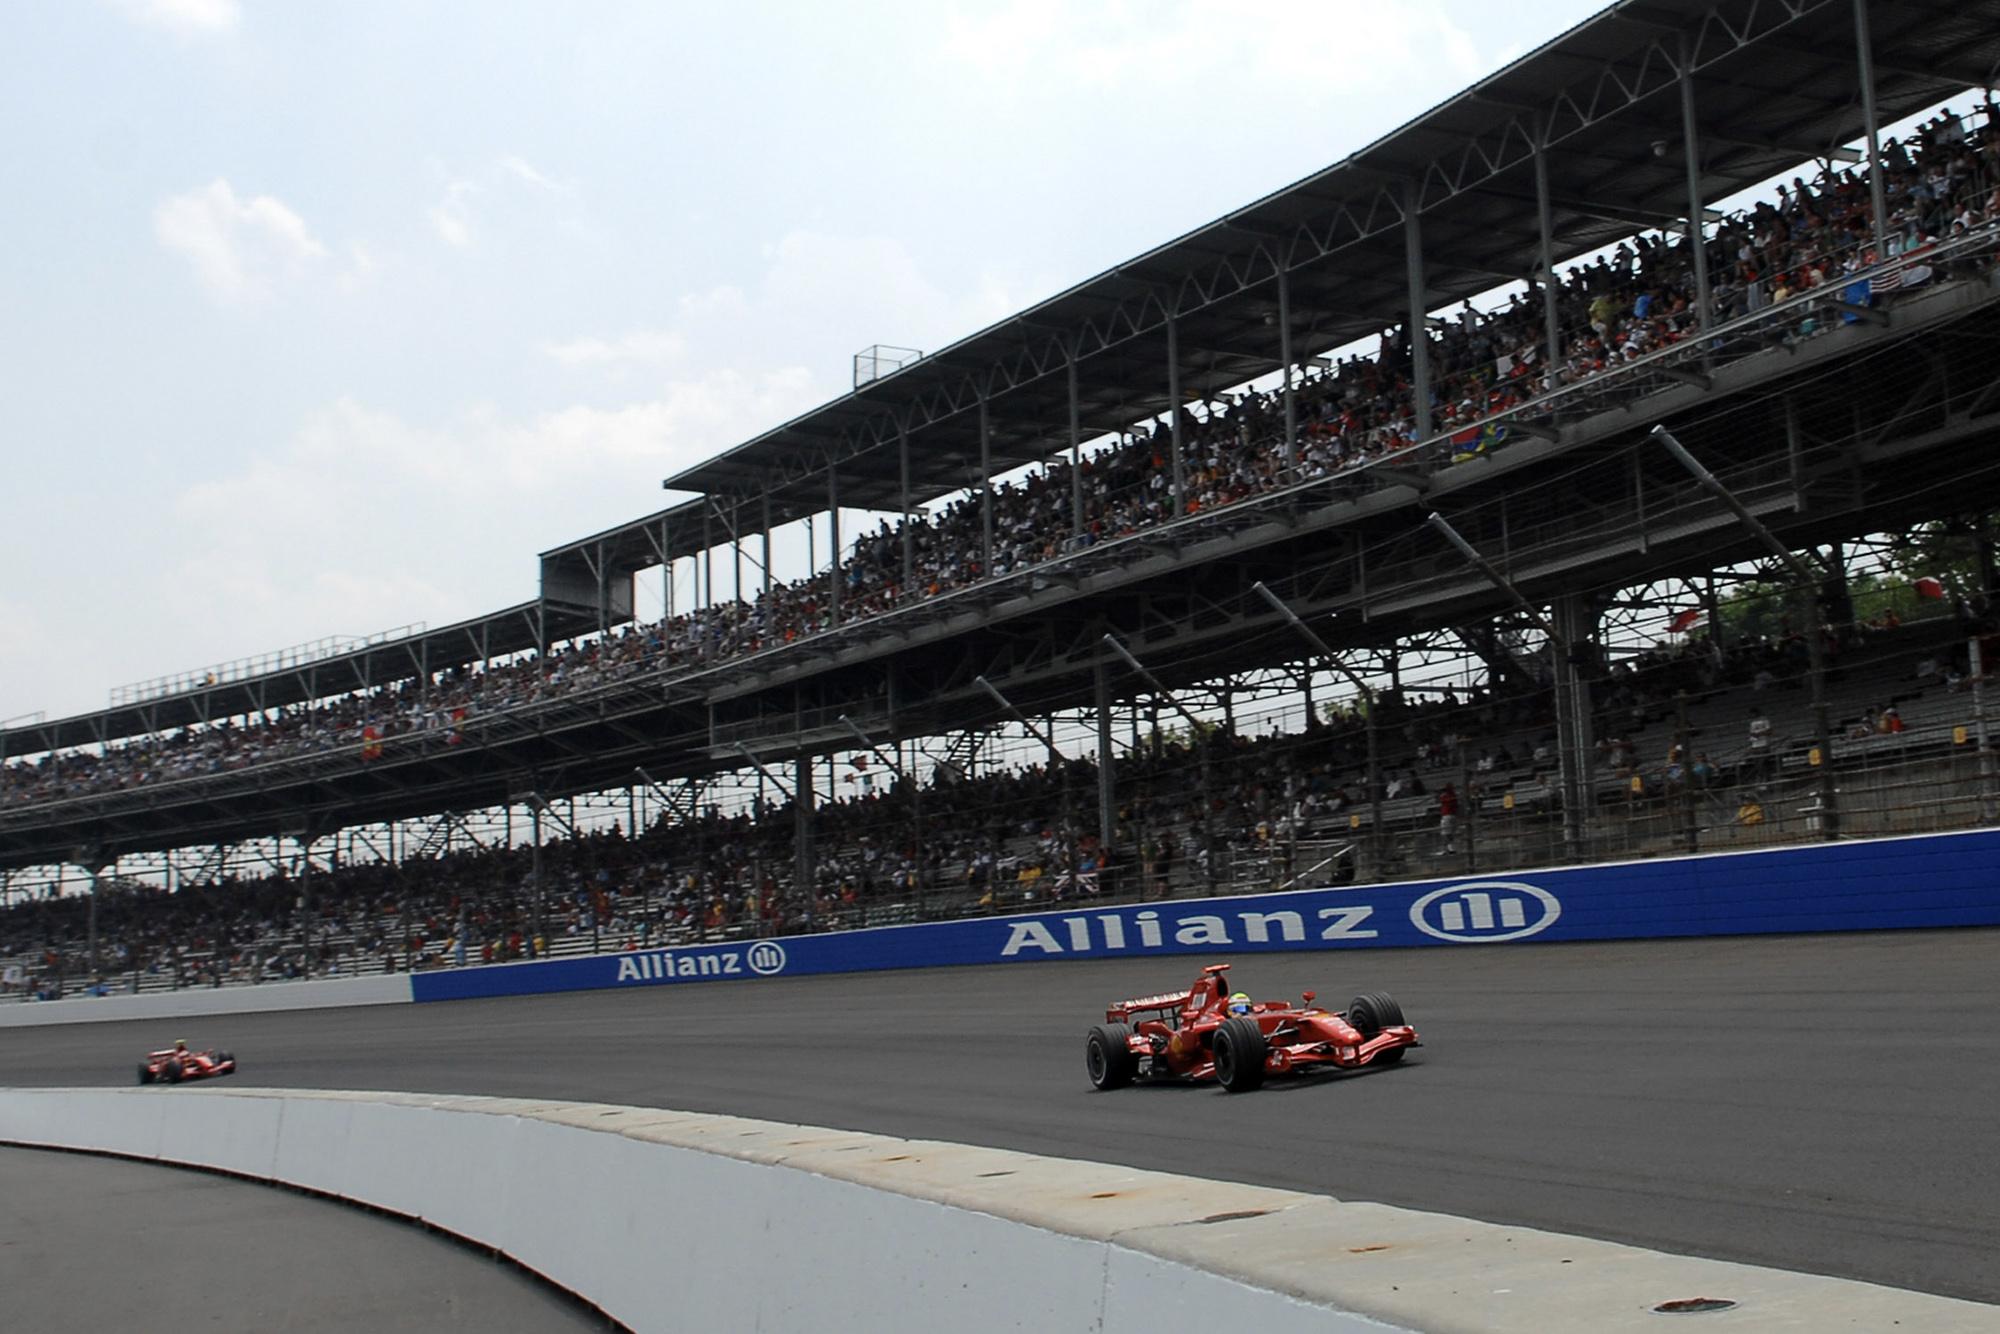 Kimi Raikkonen at Indianapolis in 2007